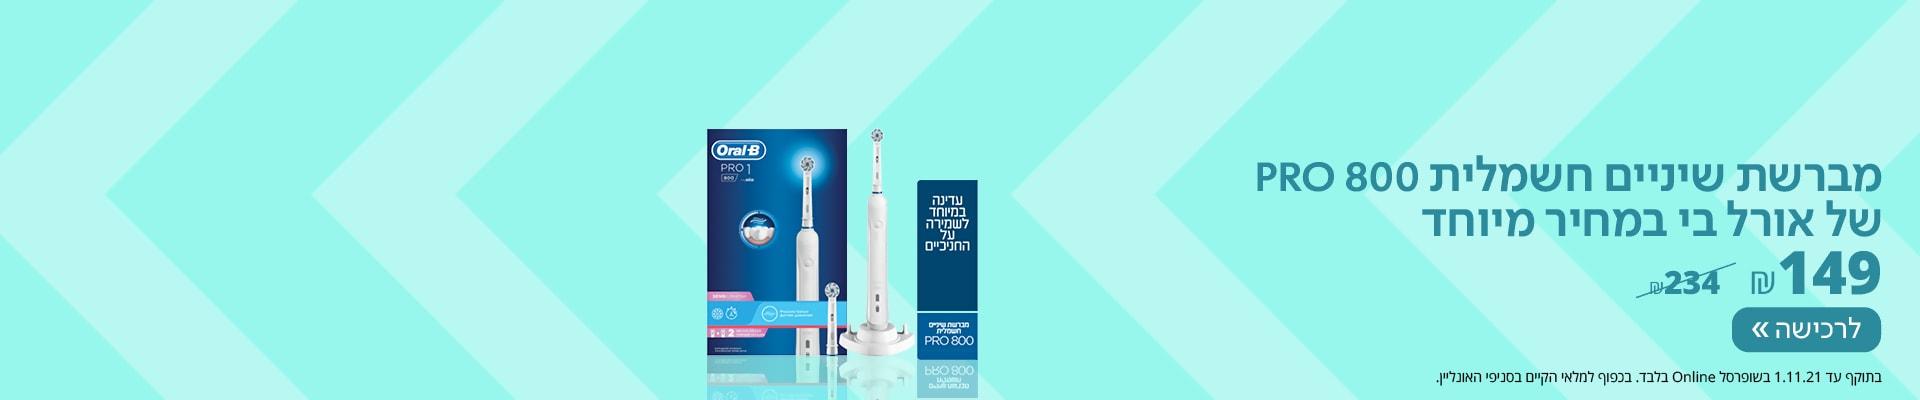 מברשת שיניים חשמלית PR0 800 של אורל בי במחיר מיוחד 149 ₪ במקום 234 ₪. בתוקף עד 1.11.21 בשופרסל Online בלבד. בכפוף למלאי הקיים בסניפי האונליין. לרכישה